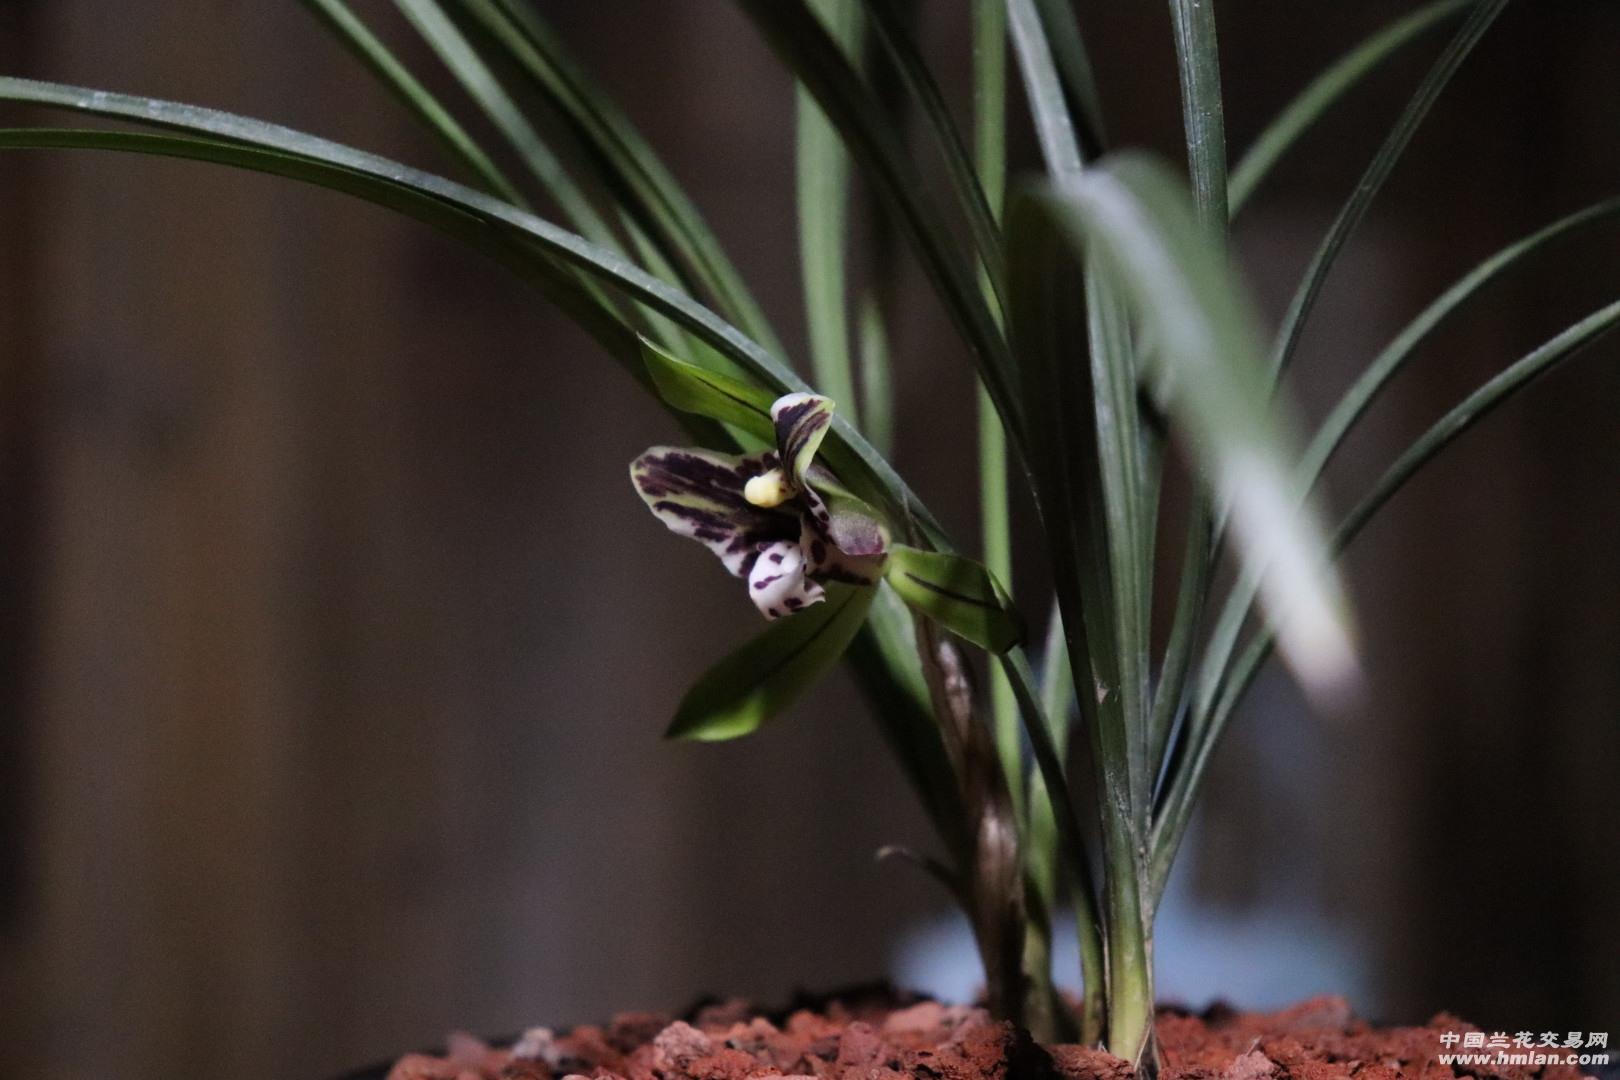 有价值的兰花的花怎么分辩,因该是啥样?  怎么判断兰花价值